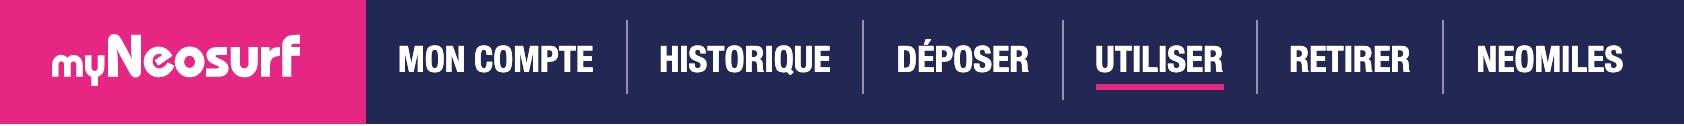 use neosurf ticket online